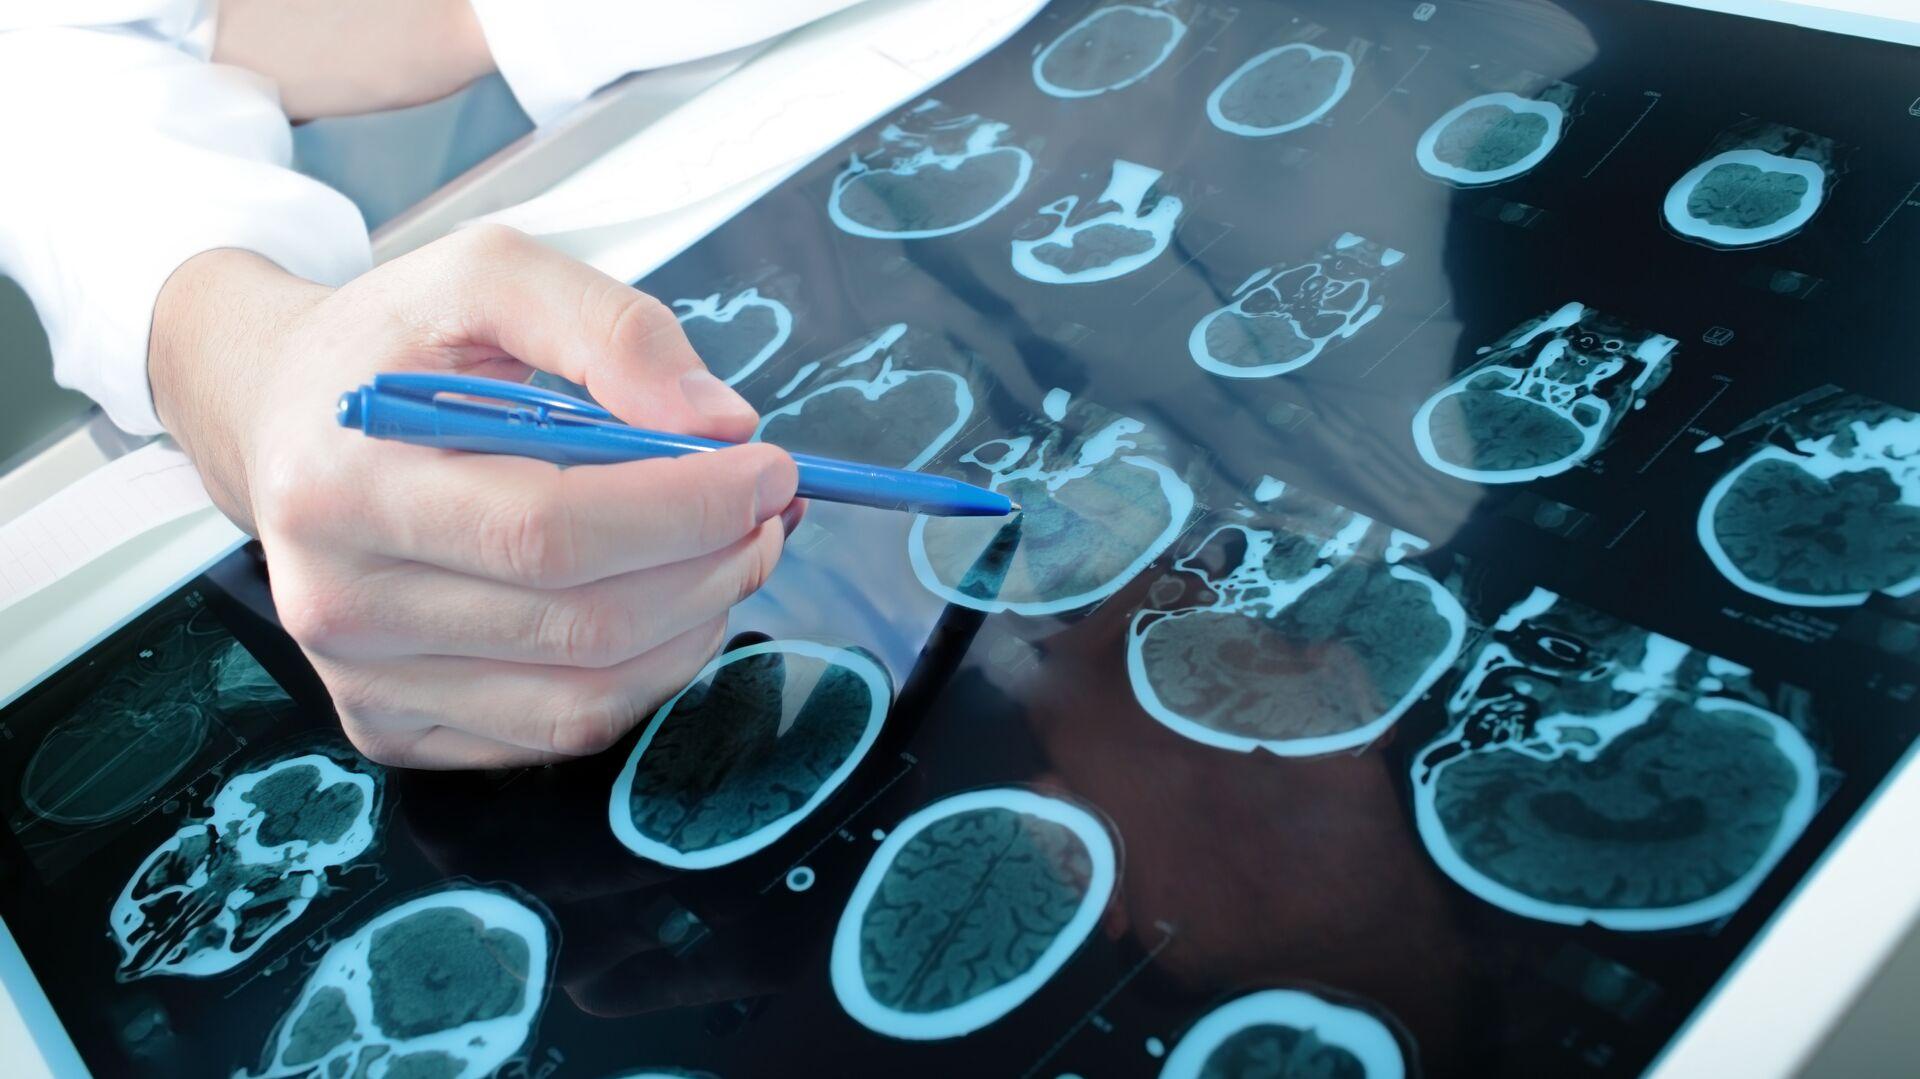 Врач смотрит результаты КТ головного мозга пациента - РИА Новости, 1920, 23.10.2020